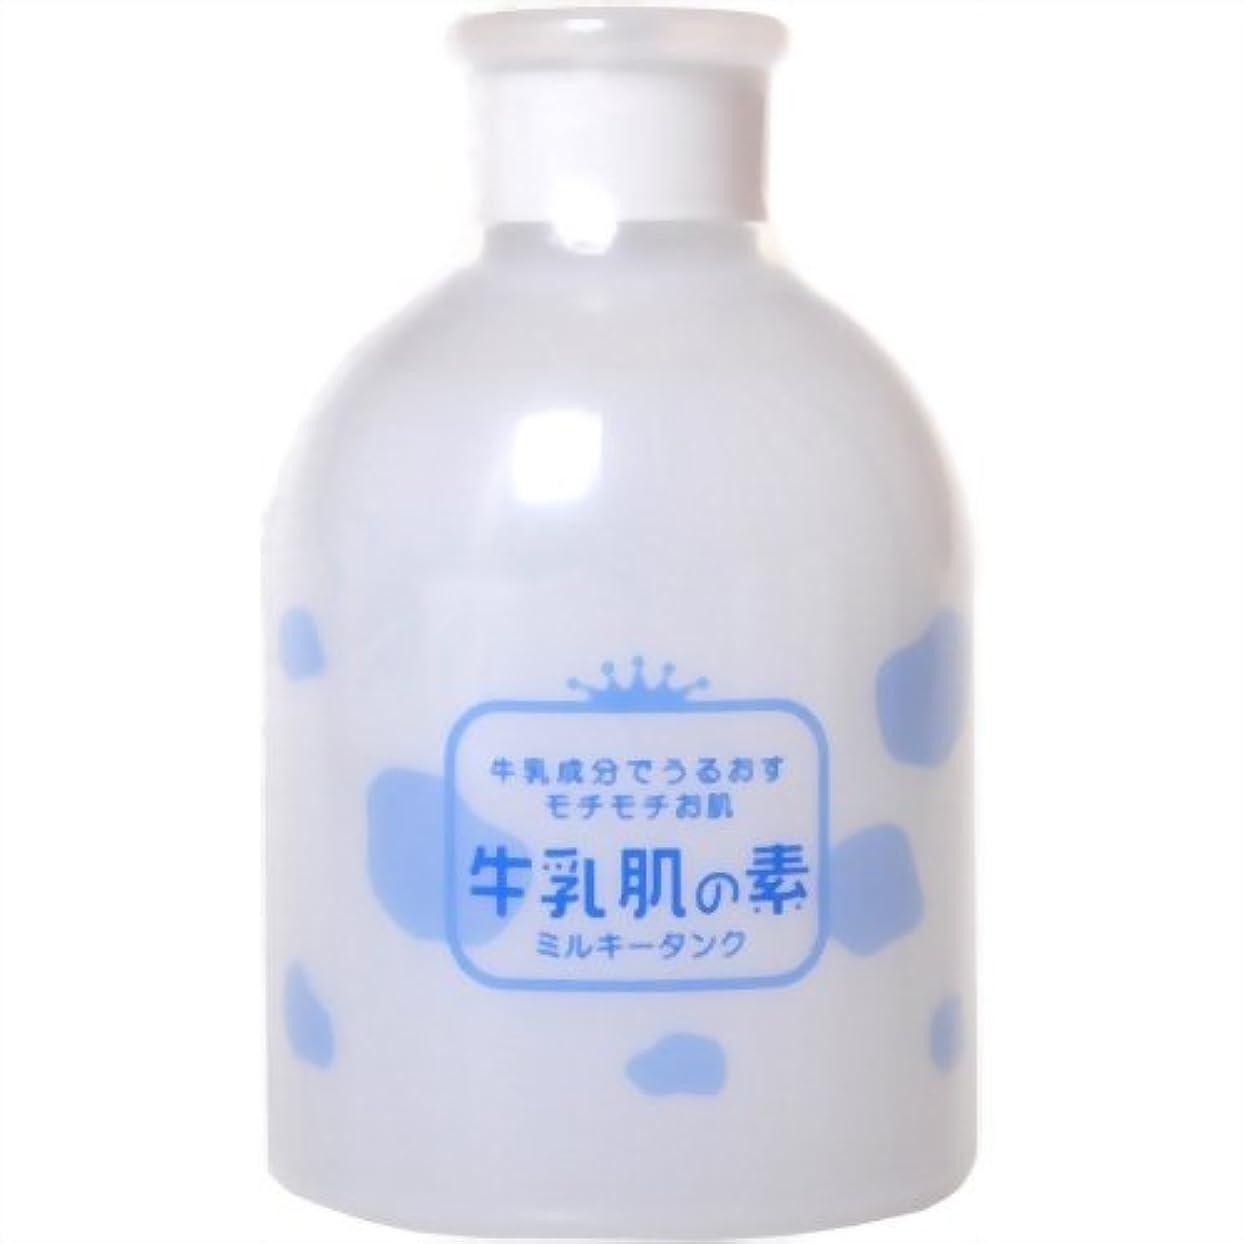 リア王ガムさらに牛乳肌の素 ミルキータンク(化粧水) 300ml